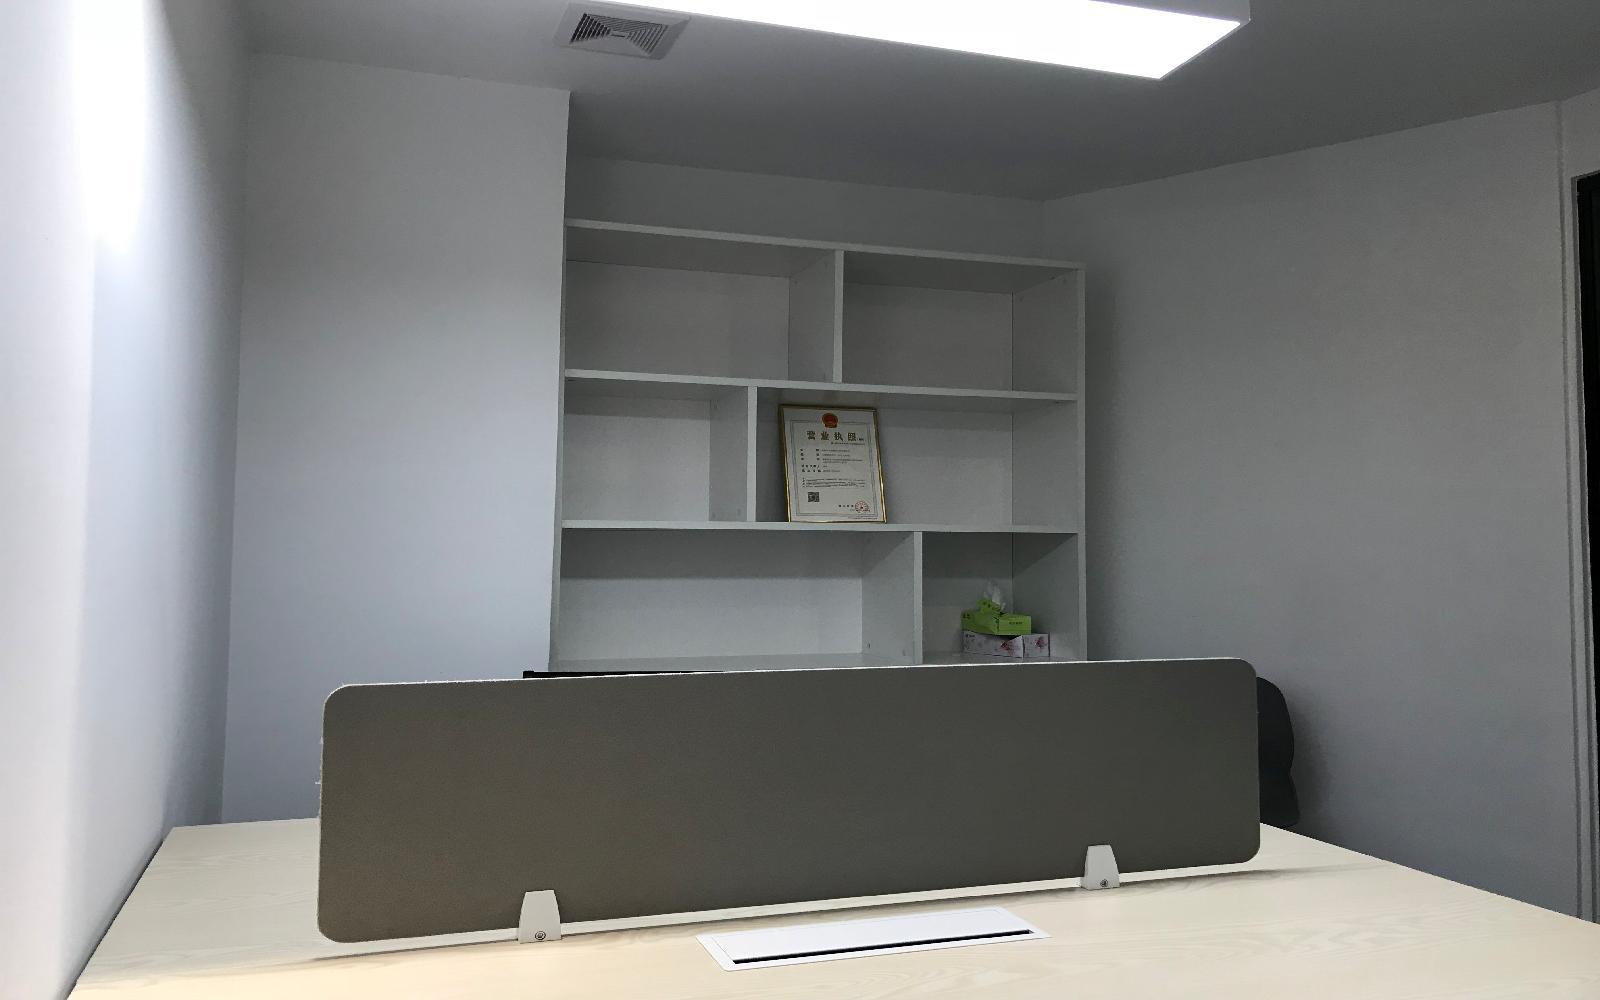 华荣大厦写字楼出租10平米精装办公室2500元/间.月